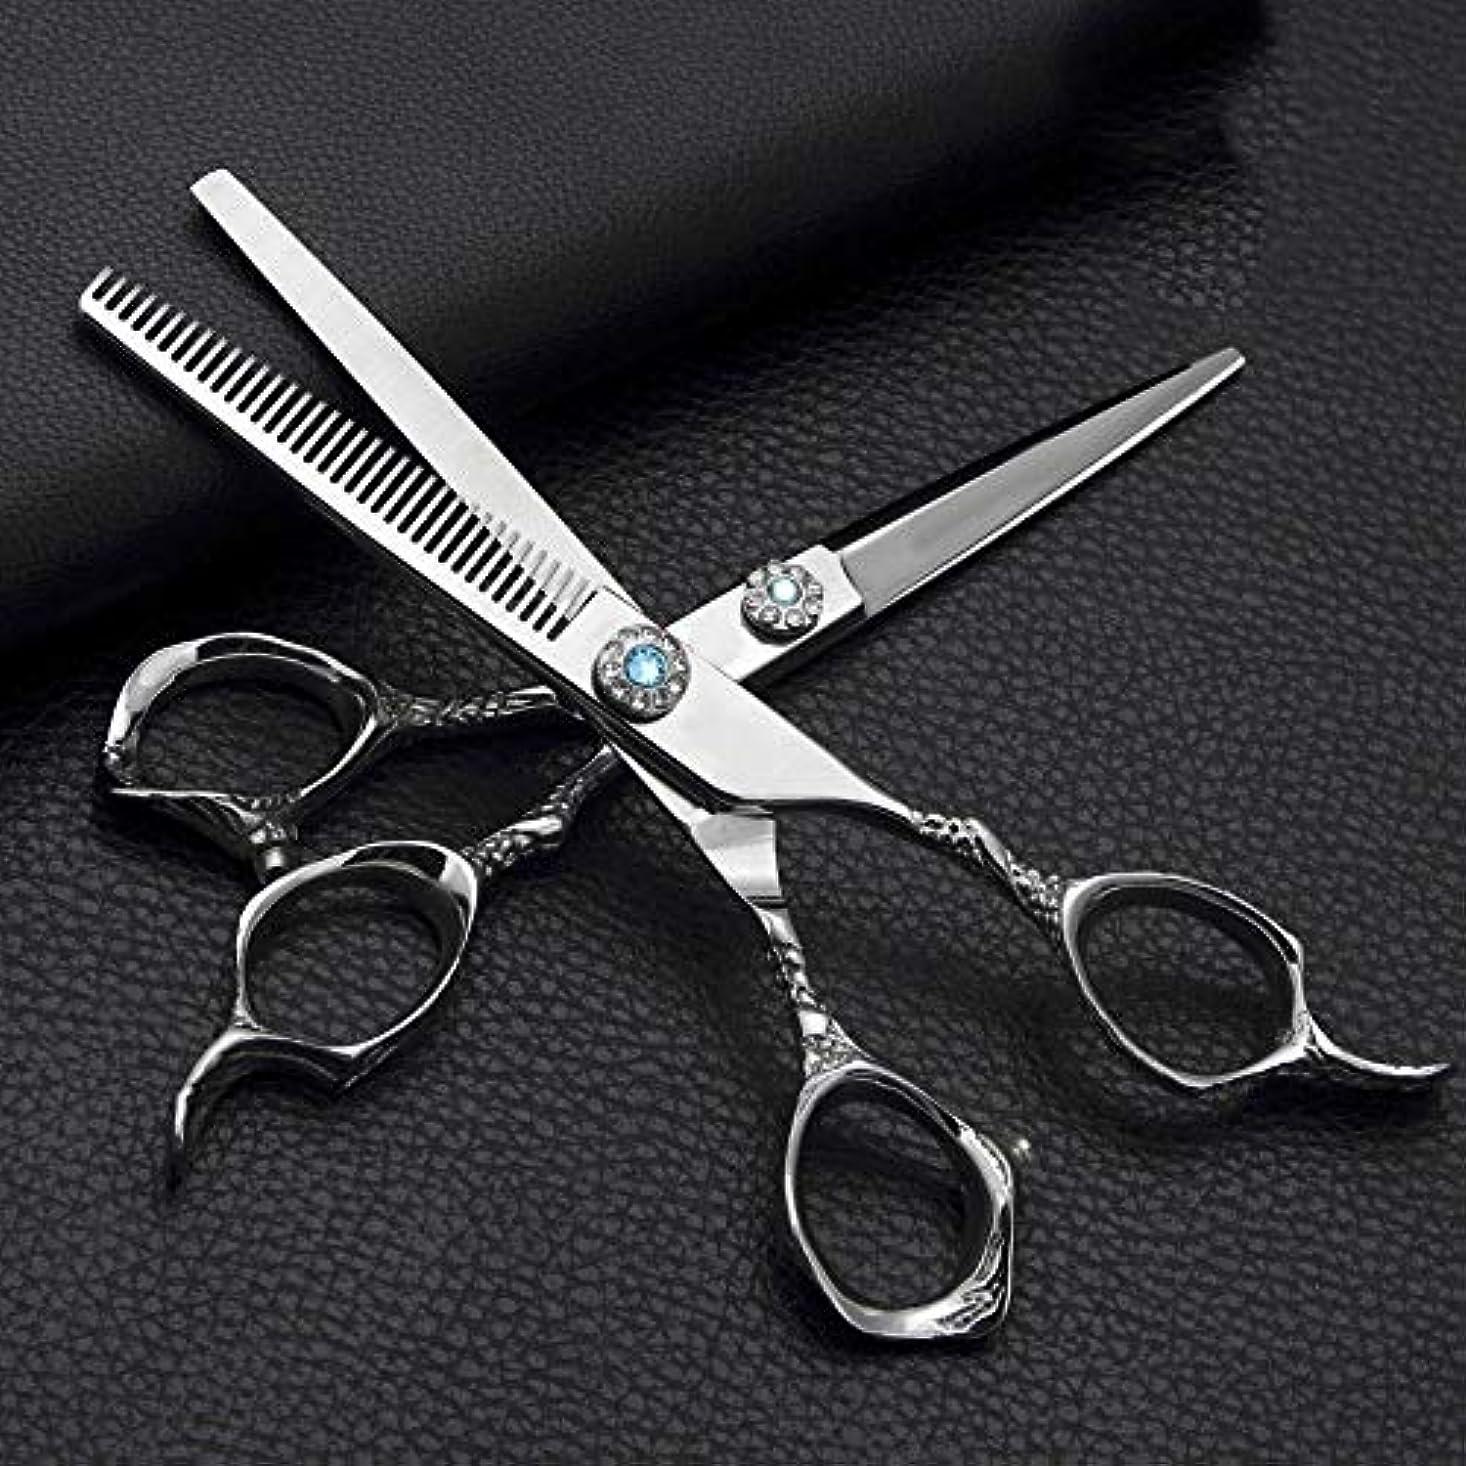 ソーシャル傀儡雪だるまを作るGoodsok-jp 6.0インチの理髪はさみ、ステンレス鋼の平らなせん断の歯のはさみの理髪のはさみセット (色 : Silver)